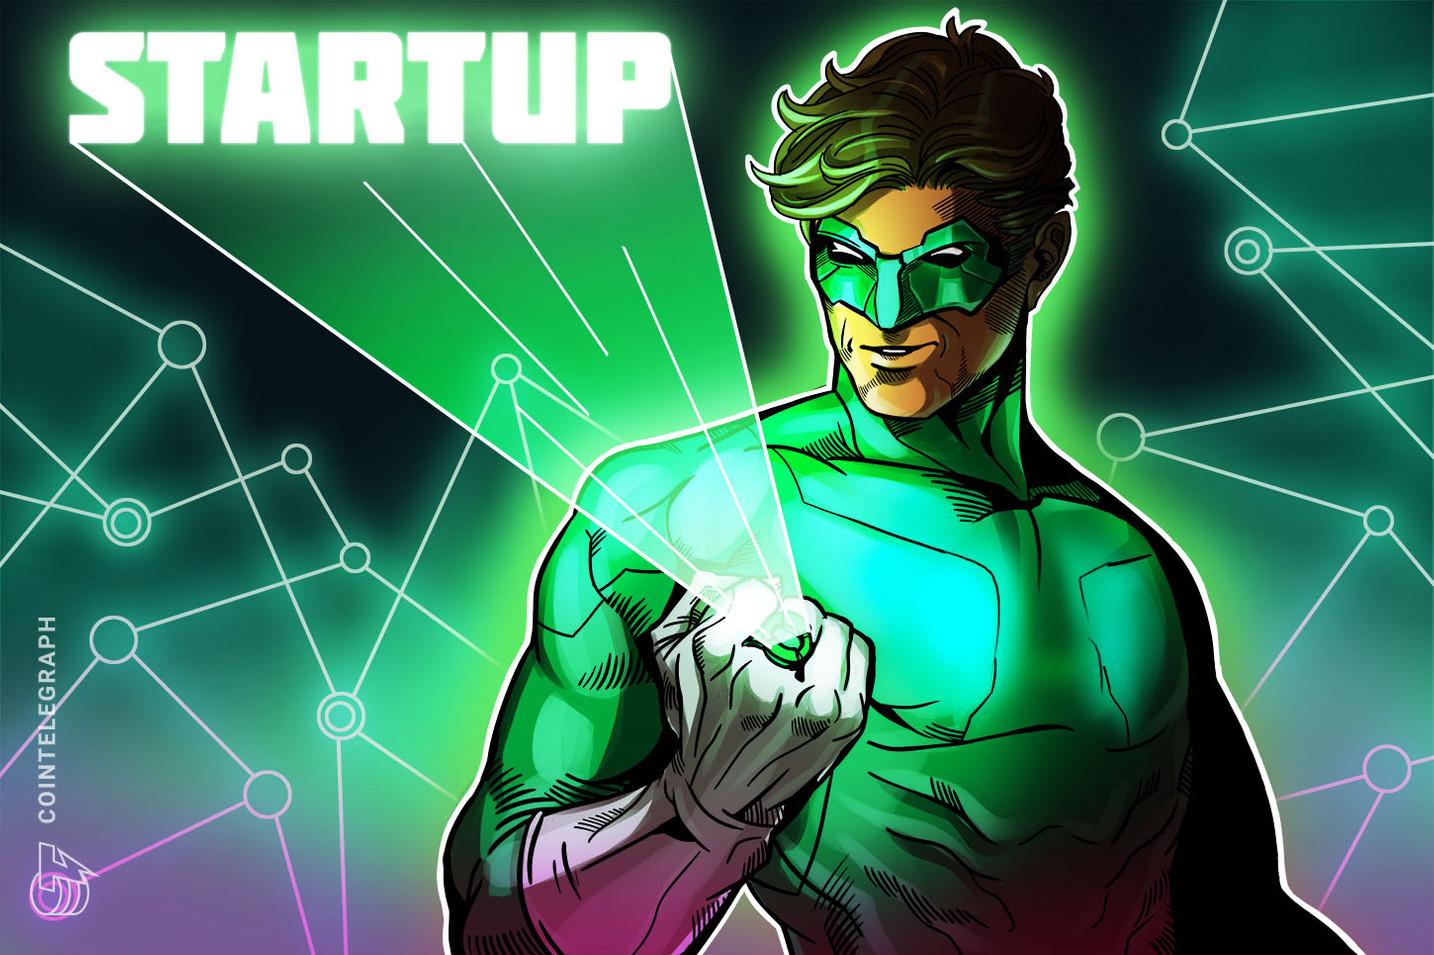 Parceiro de fundo de investimento explica os principais critérios para investir em startups